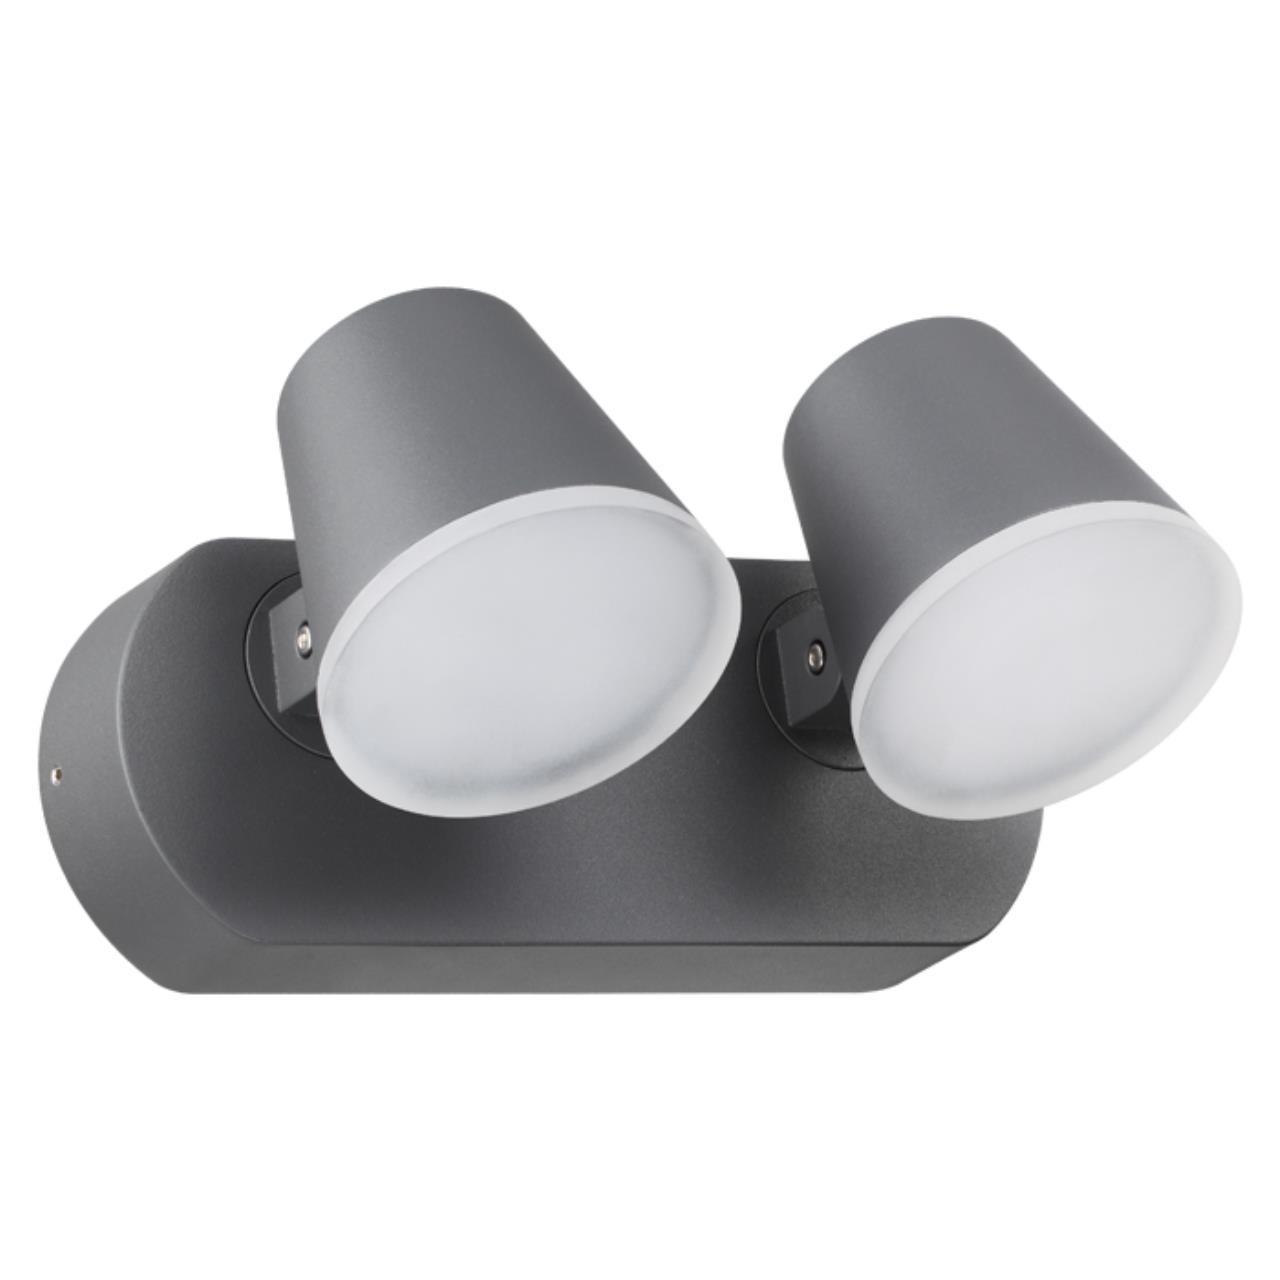 357831 STREET NT18 155 темно-серый Ландшафтный настенный светильник LED 3000К 20W 220-240V KAIMAS